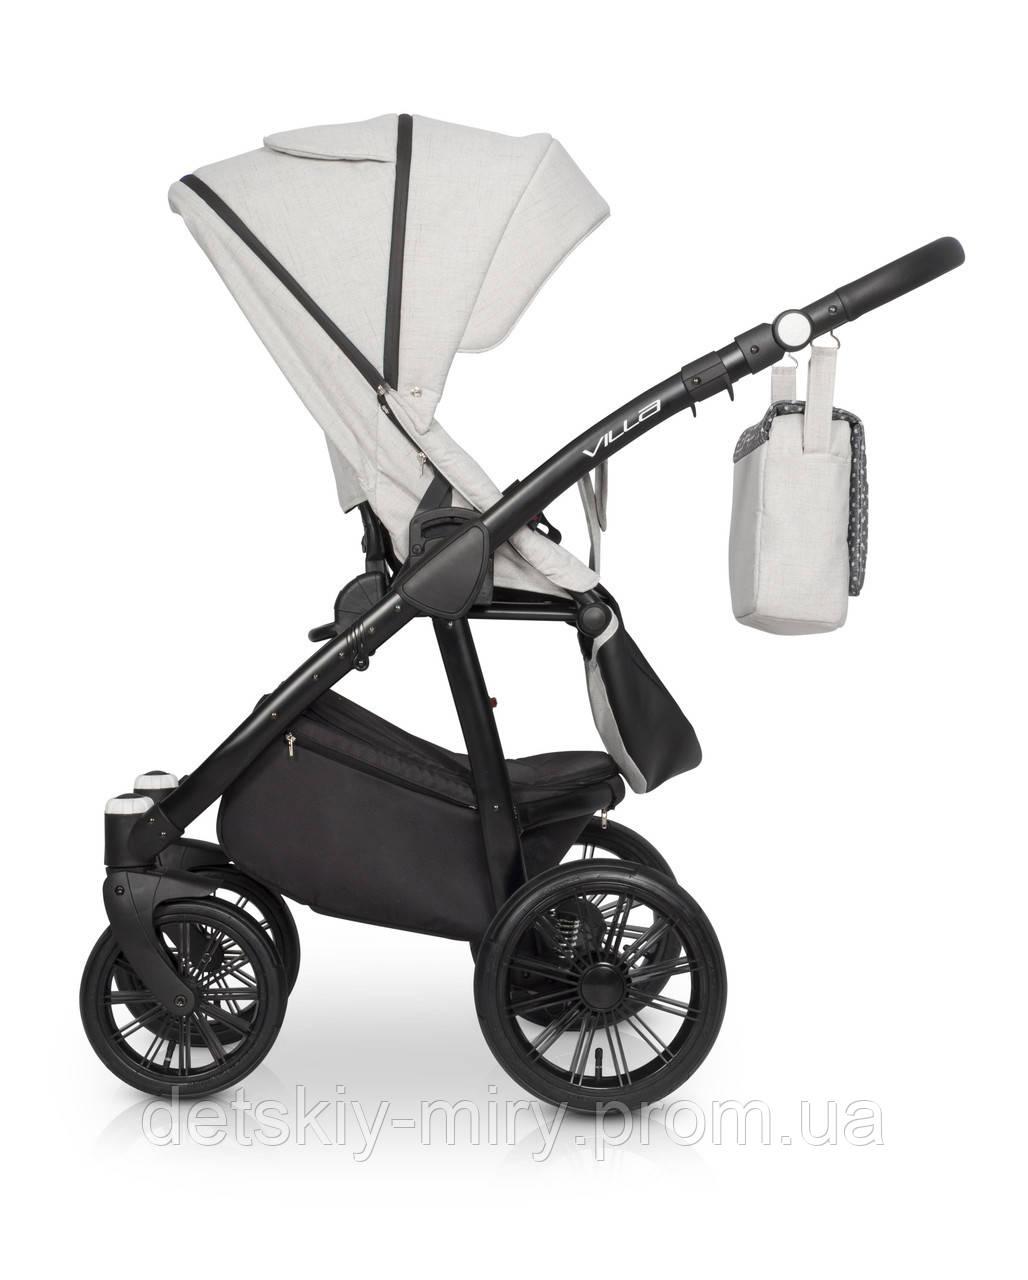 Детская универсальная коляска 2 в 1 Riko Villa - фото 10